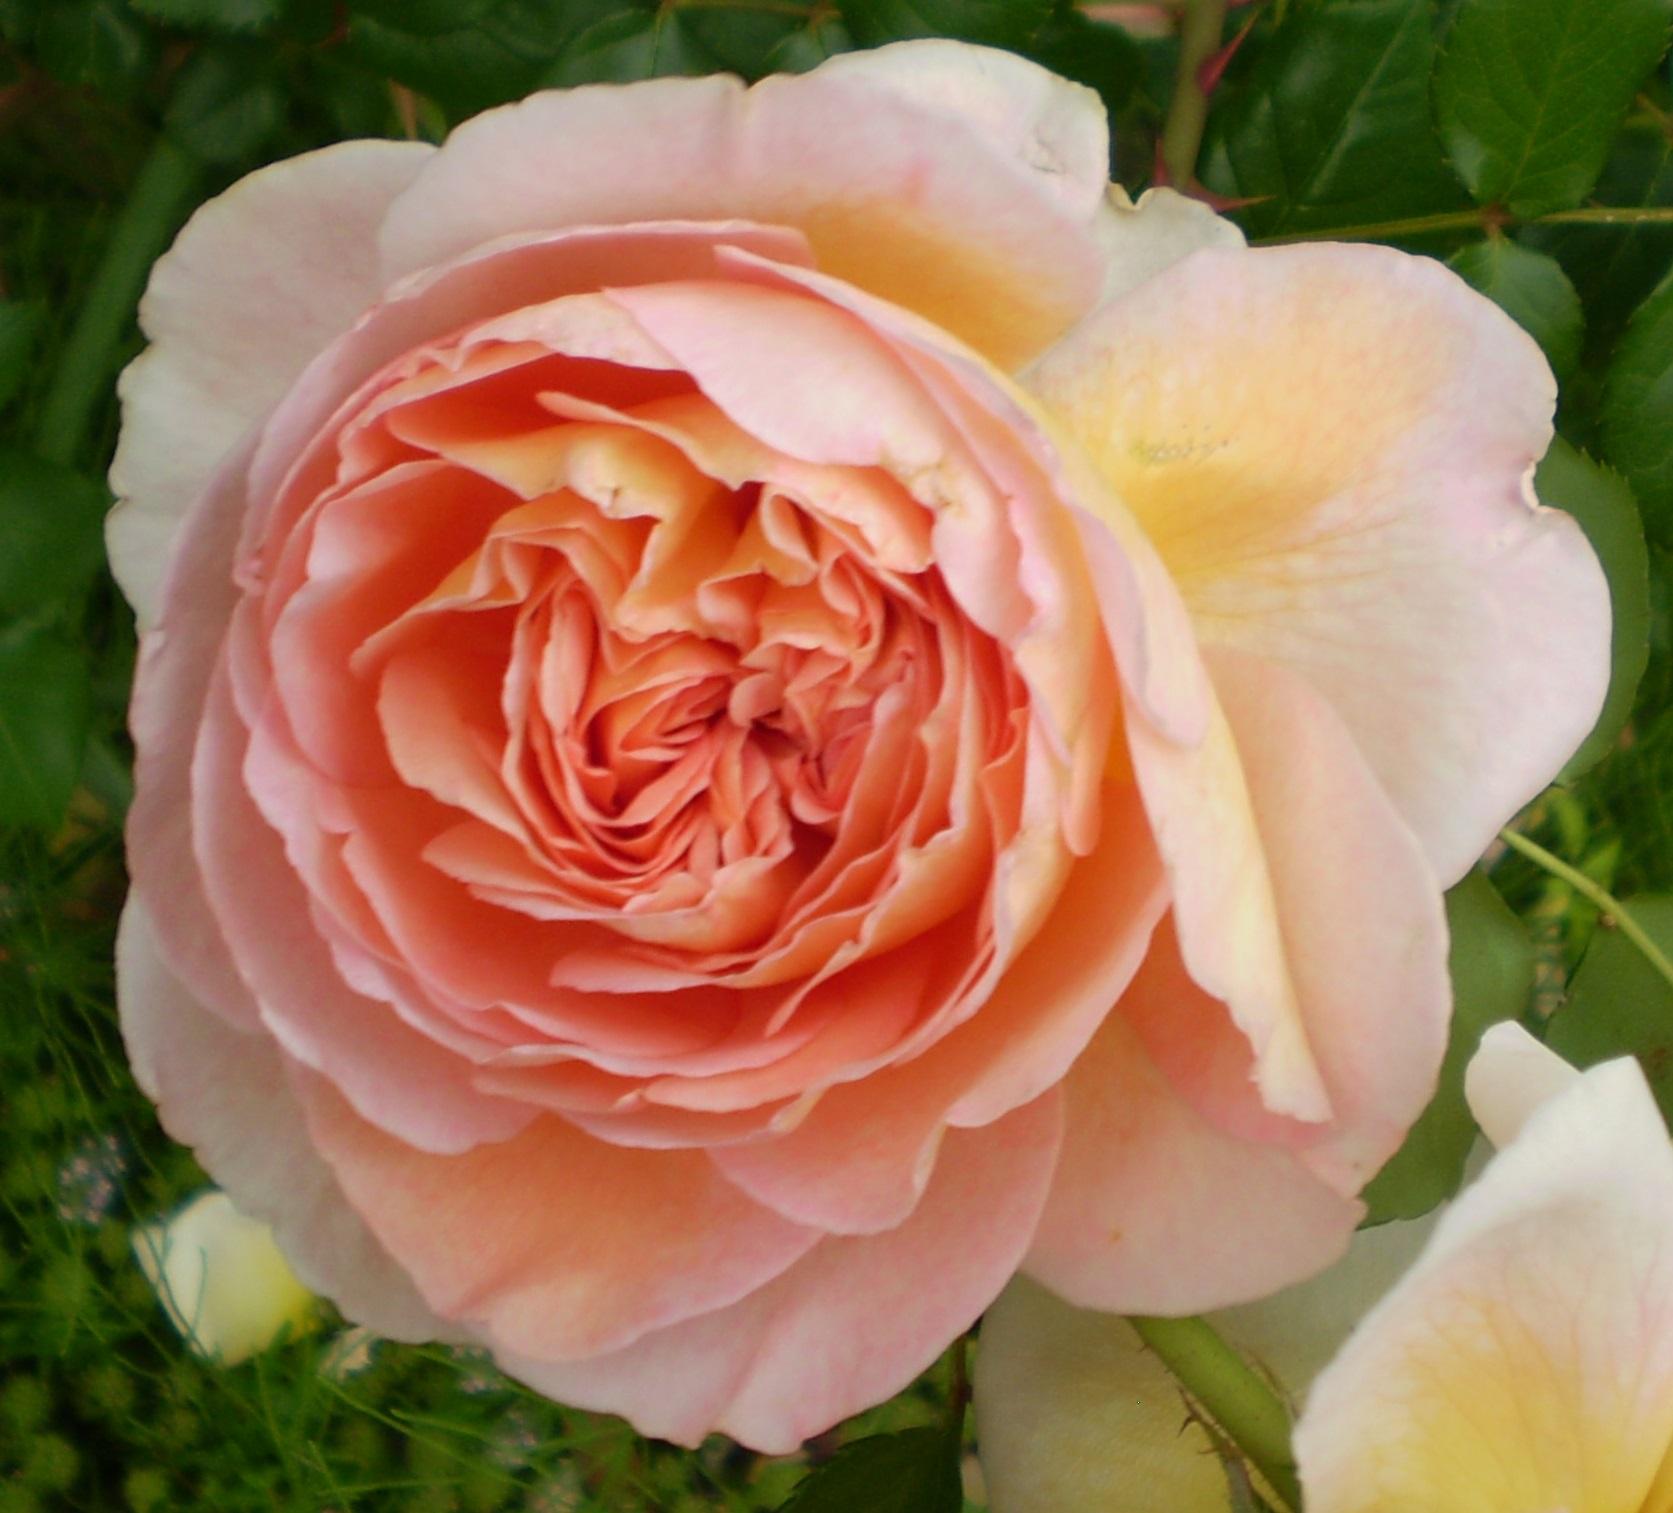 謹んで初春のお慶びを申し上げます。_f0139333_2374586.jpg